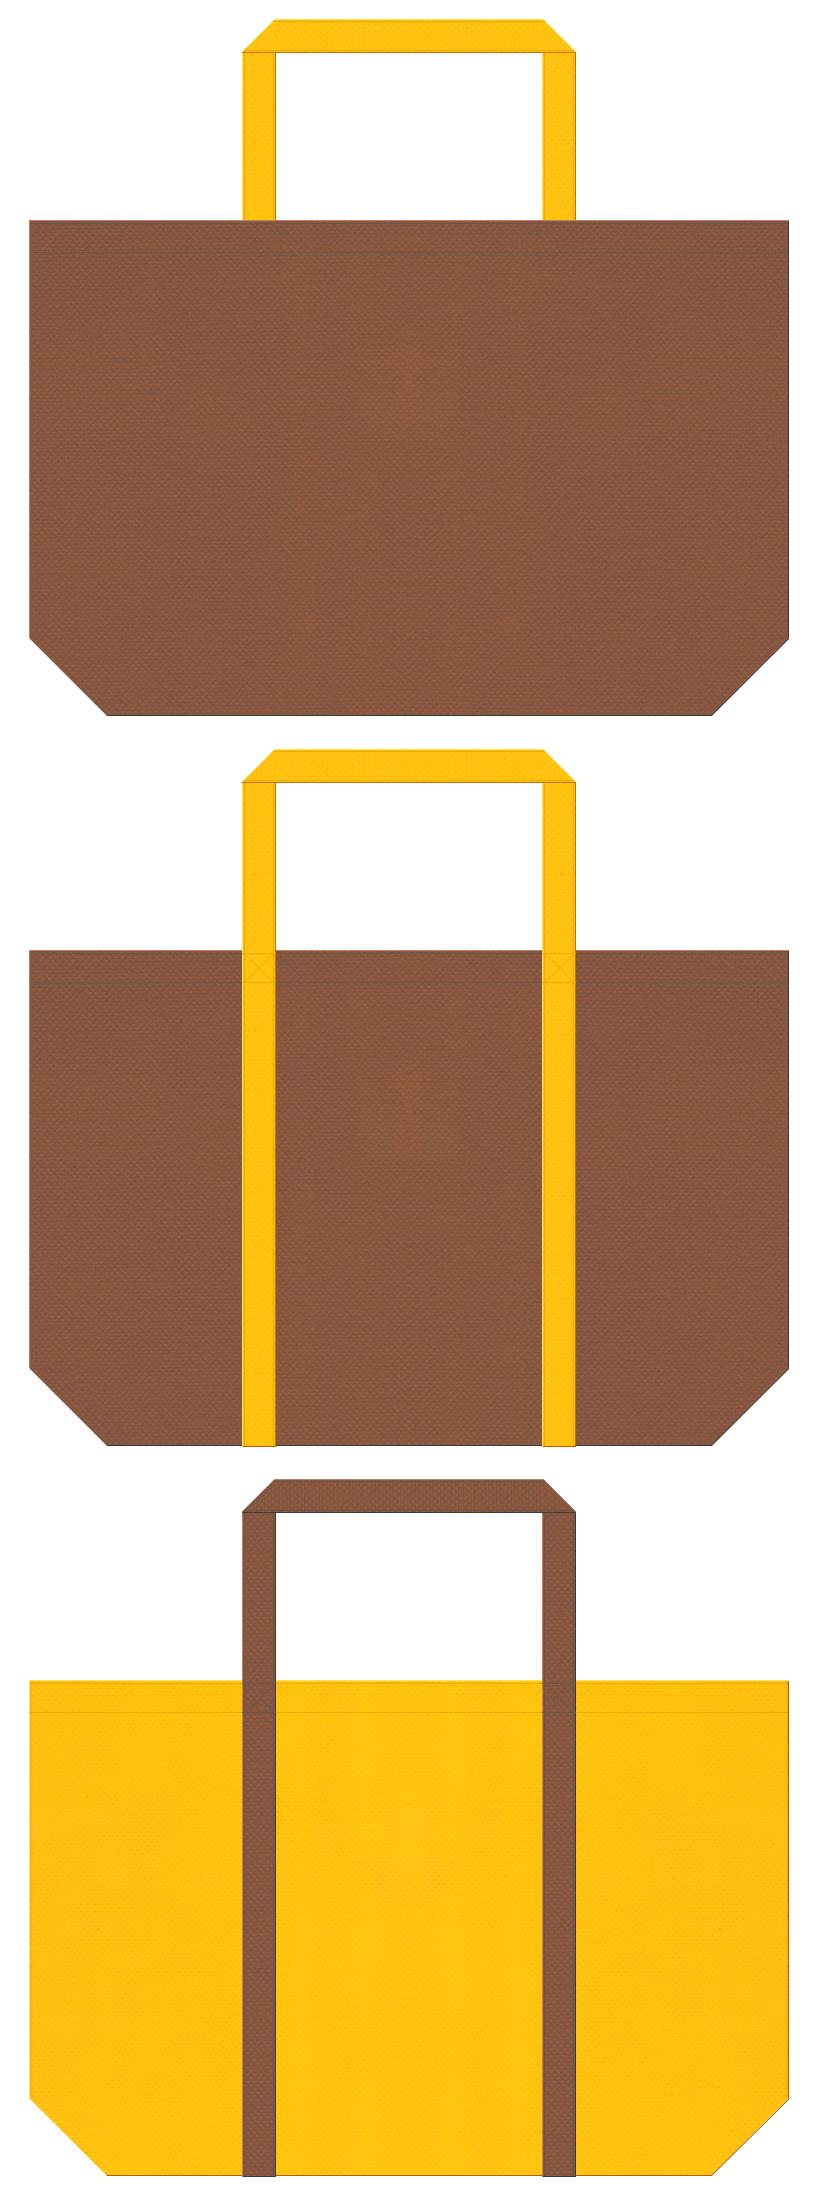 茶色と黄色の不織布バッグデザイン。カステラ・和菓子のショッピングバッグにお奨めです。